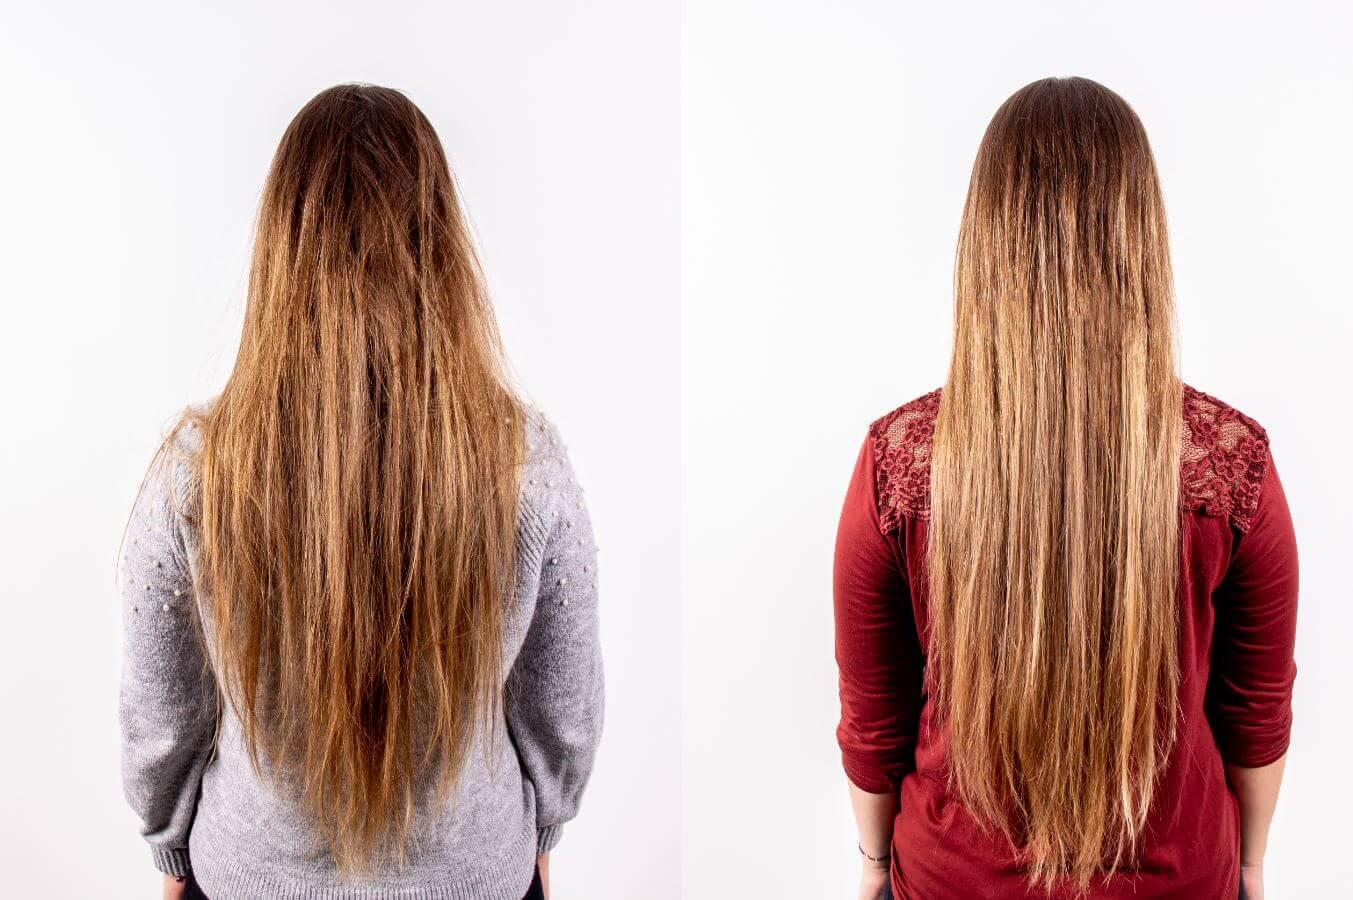 Vorher Bild von trockenem Haar, Nachher Bild von glänzendem Haar